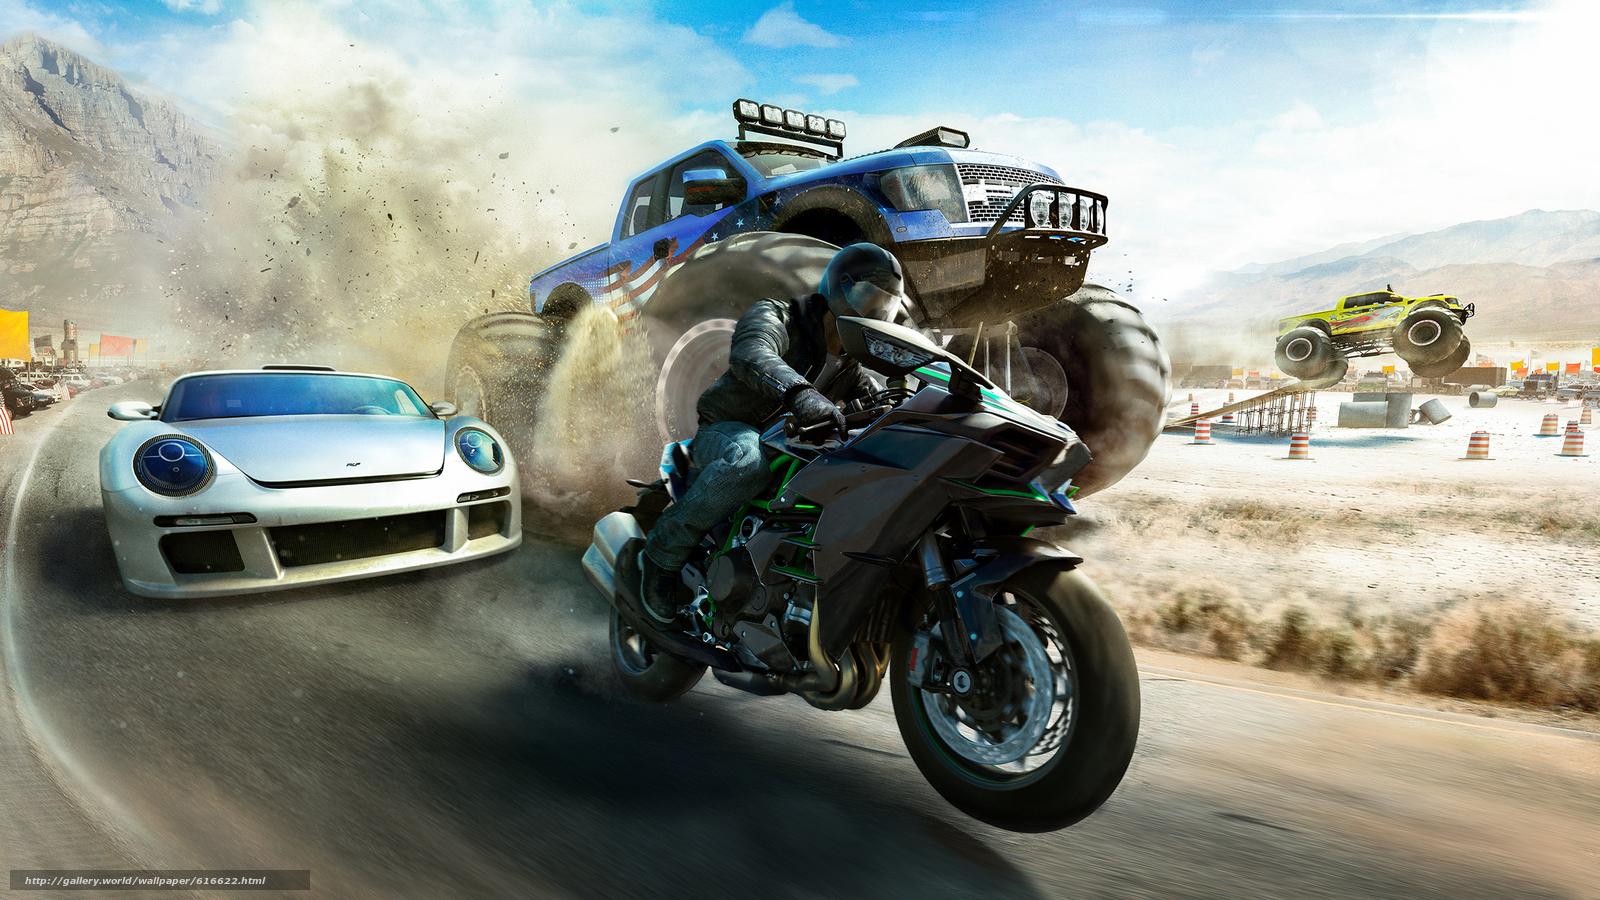 scaricare gli sfondi L'equipaggio: Selvaggio Run,  gara,  motociclista,  macchinario Sfondi gratis per la risoluzione del desktop 2500x1407 — immagine №616622